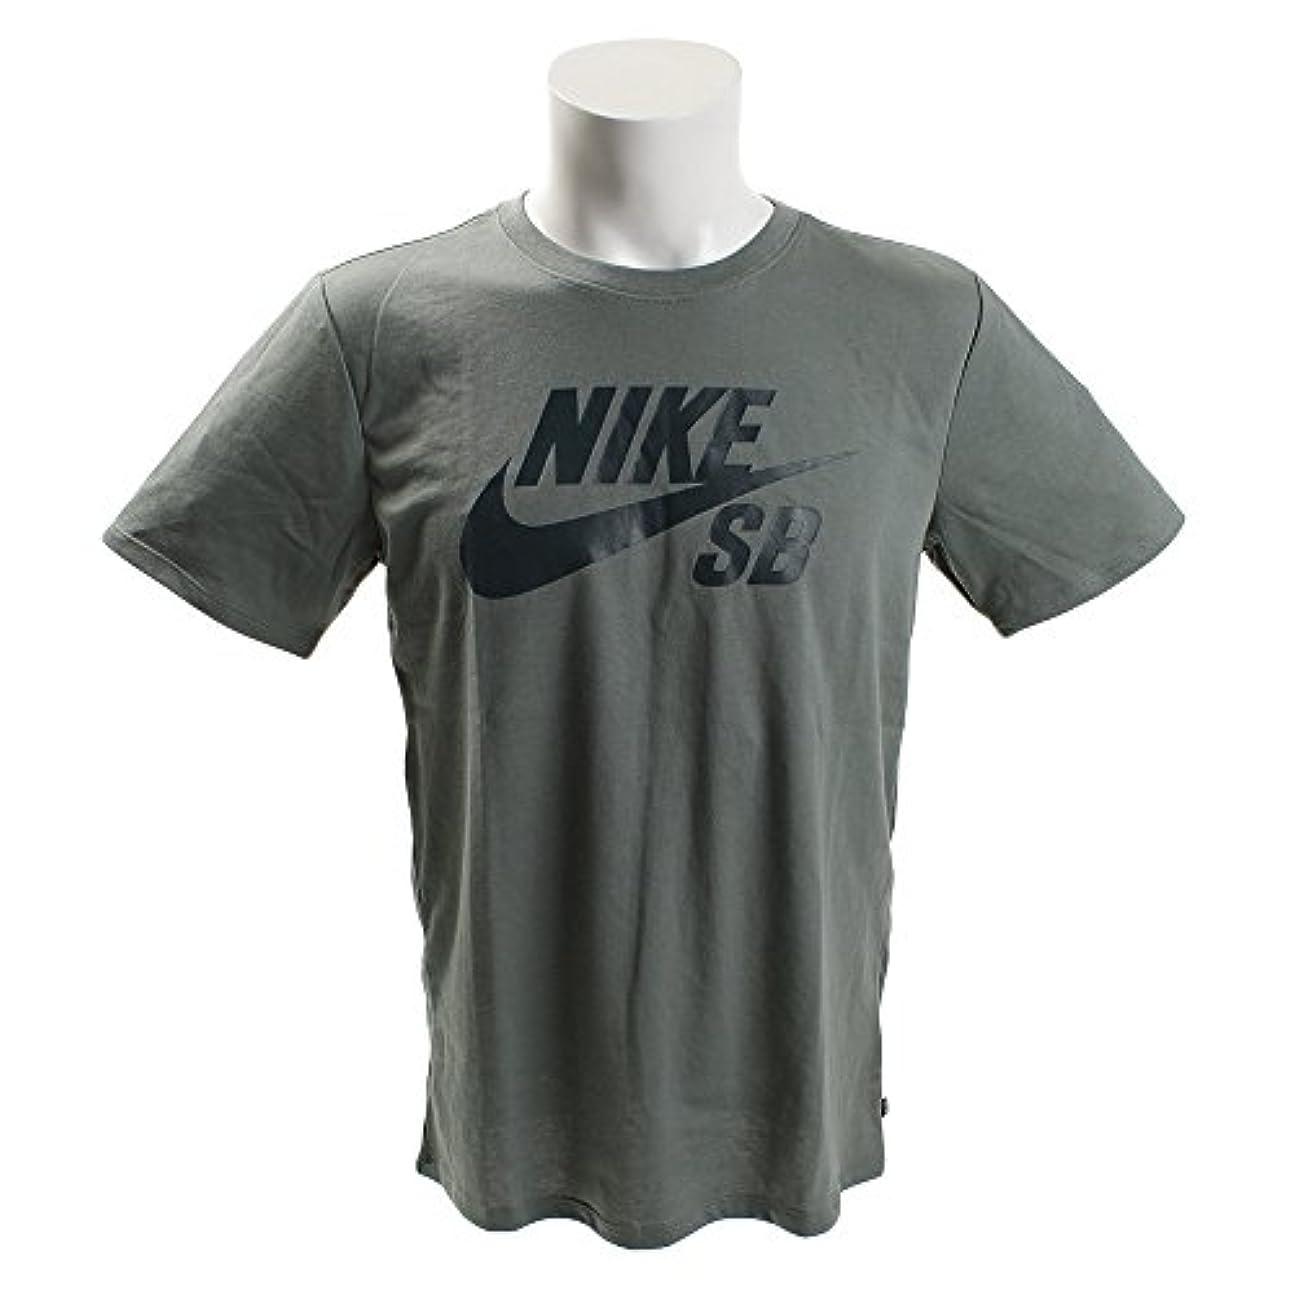 ハーネス引っ張る追加ナイキ(ナイキ) SB ドライフィット ロゴ Tシャツ 821947-365SU18